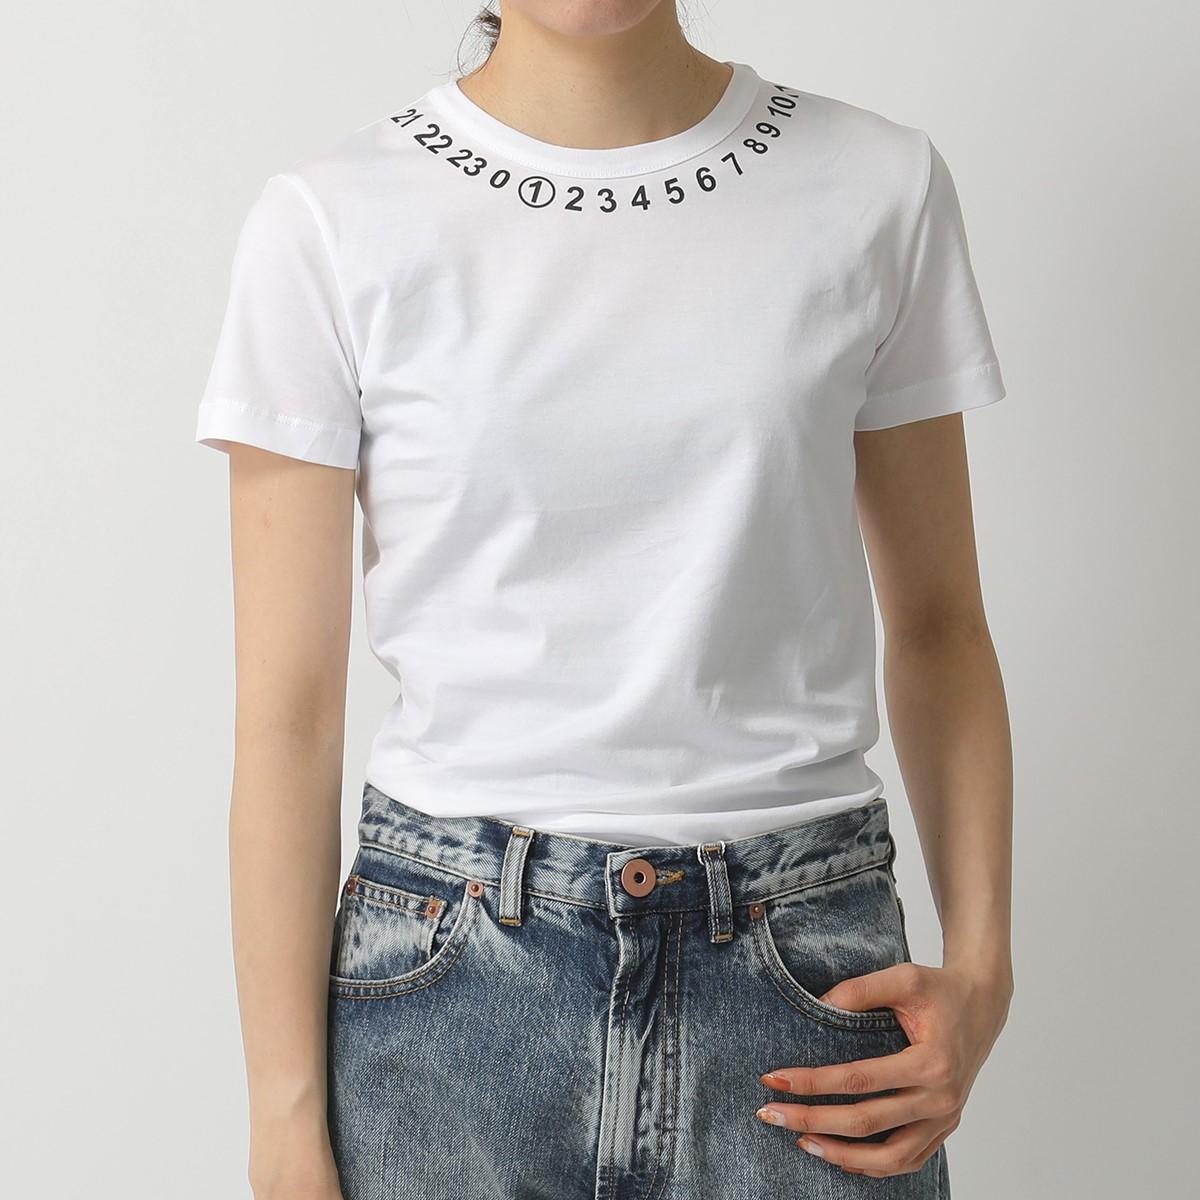 MAISON MARGIELA メゾンマルジェラ S51GC0434 S22816 エンベリッシュド 半袖Tシャツ カットソー 100 レディース